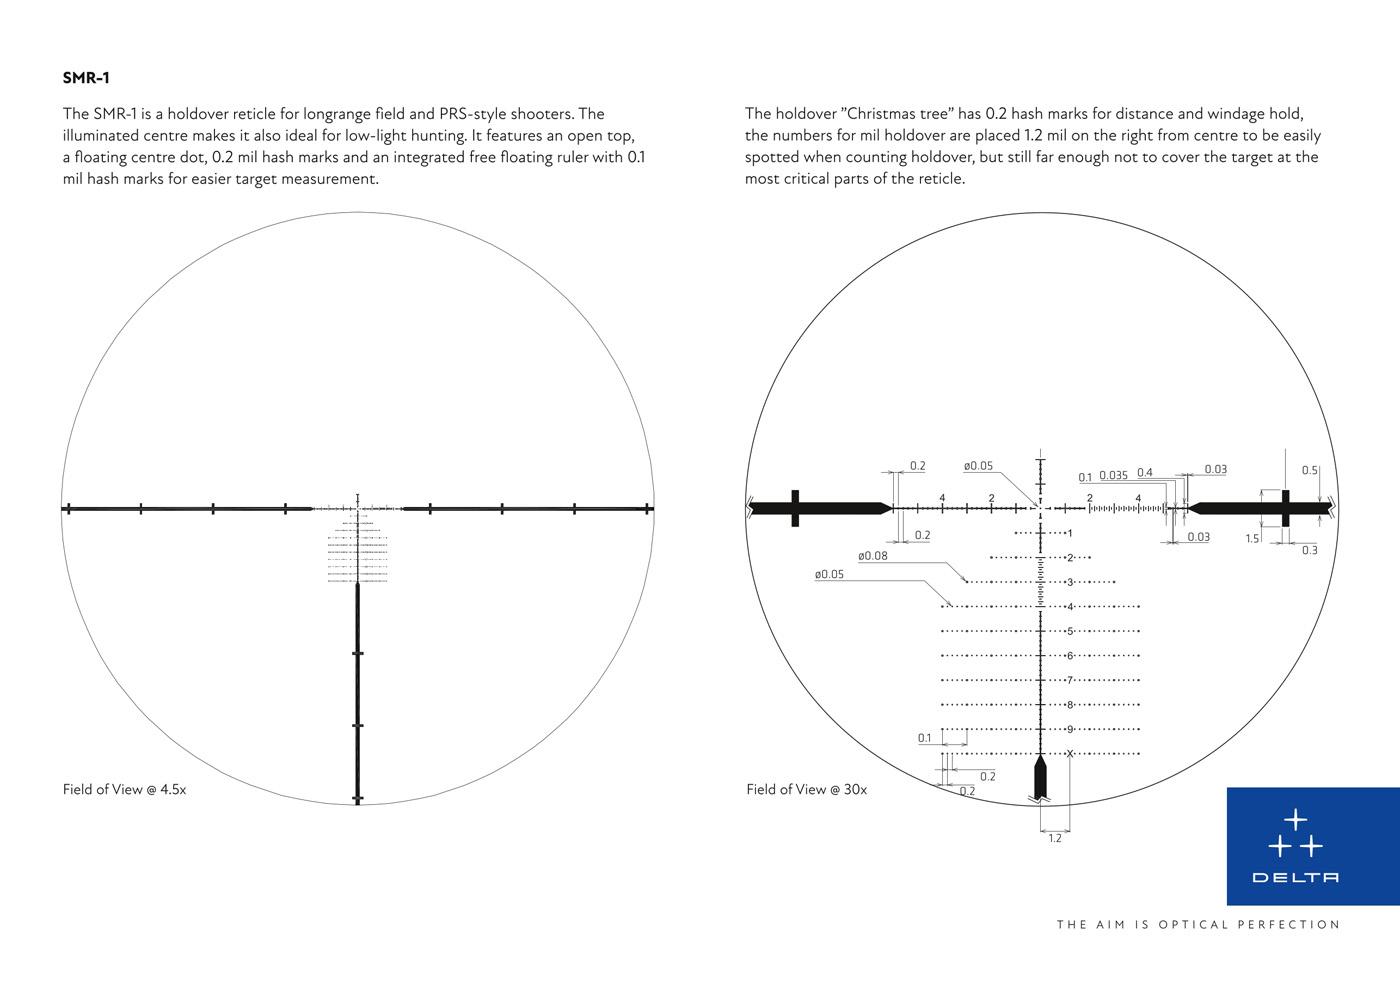 DELTA-Javelin-4-5-30x56-SMR-1-SMR-2-FFP-datasheet-3